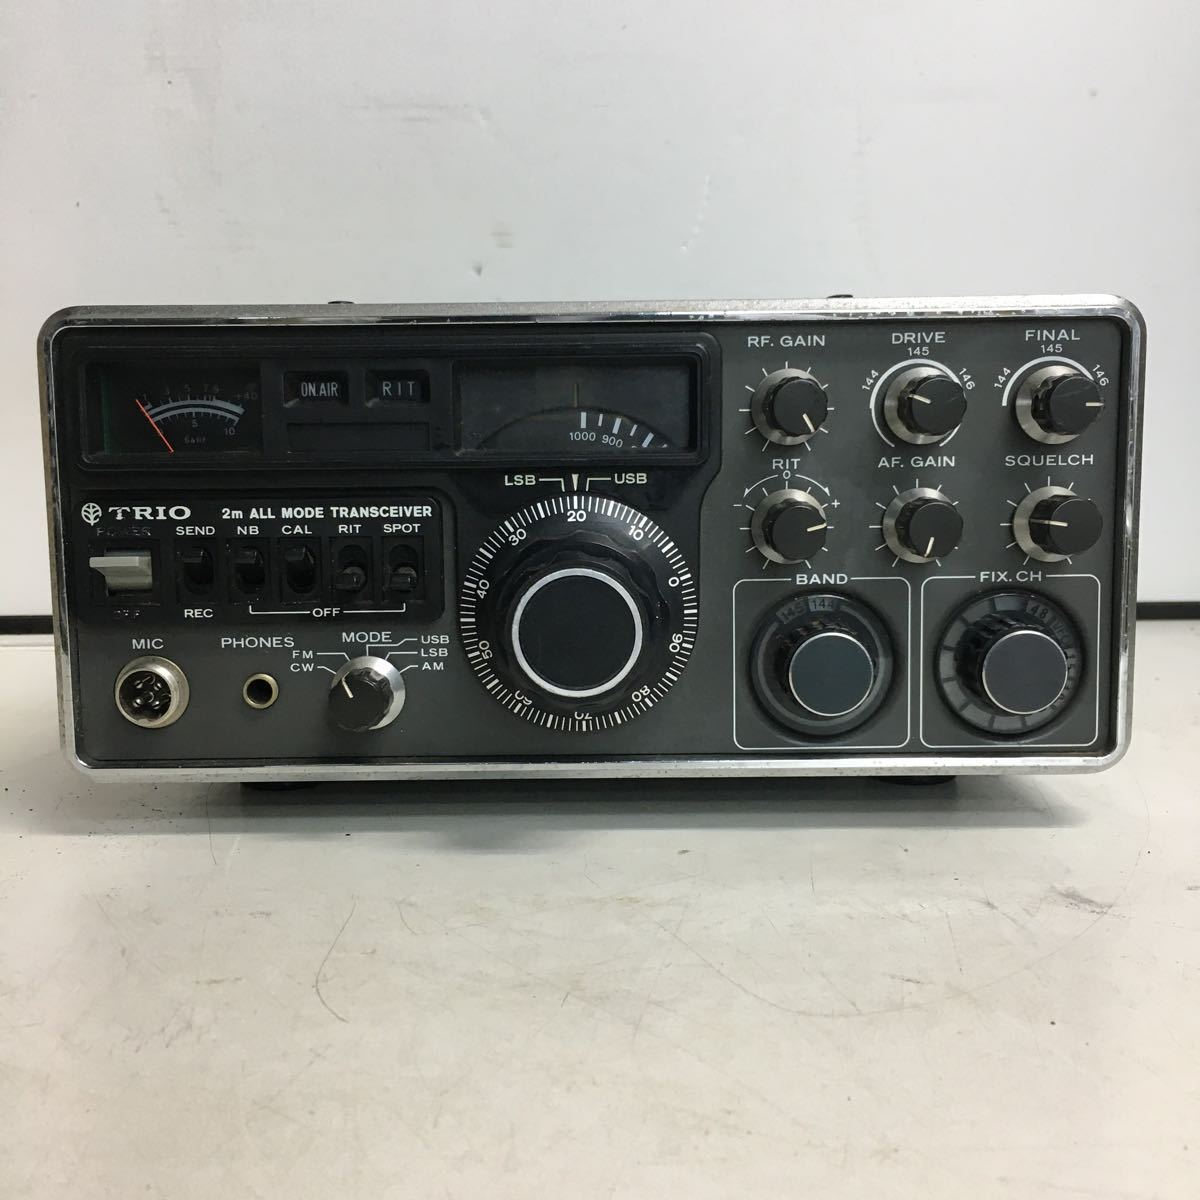 E066 TRIO トリオ TS-700 トランシーバー アマチュア無線機/本体のみ ジャンク品_画像1